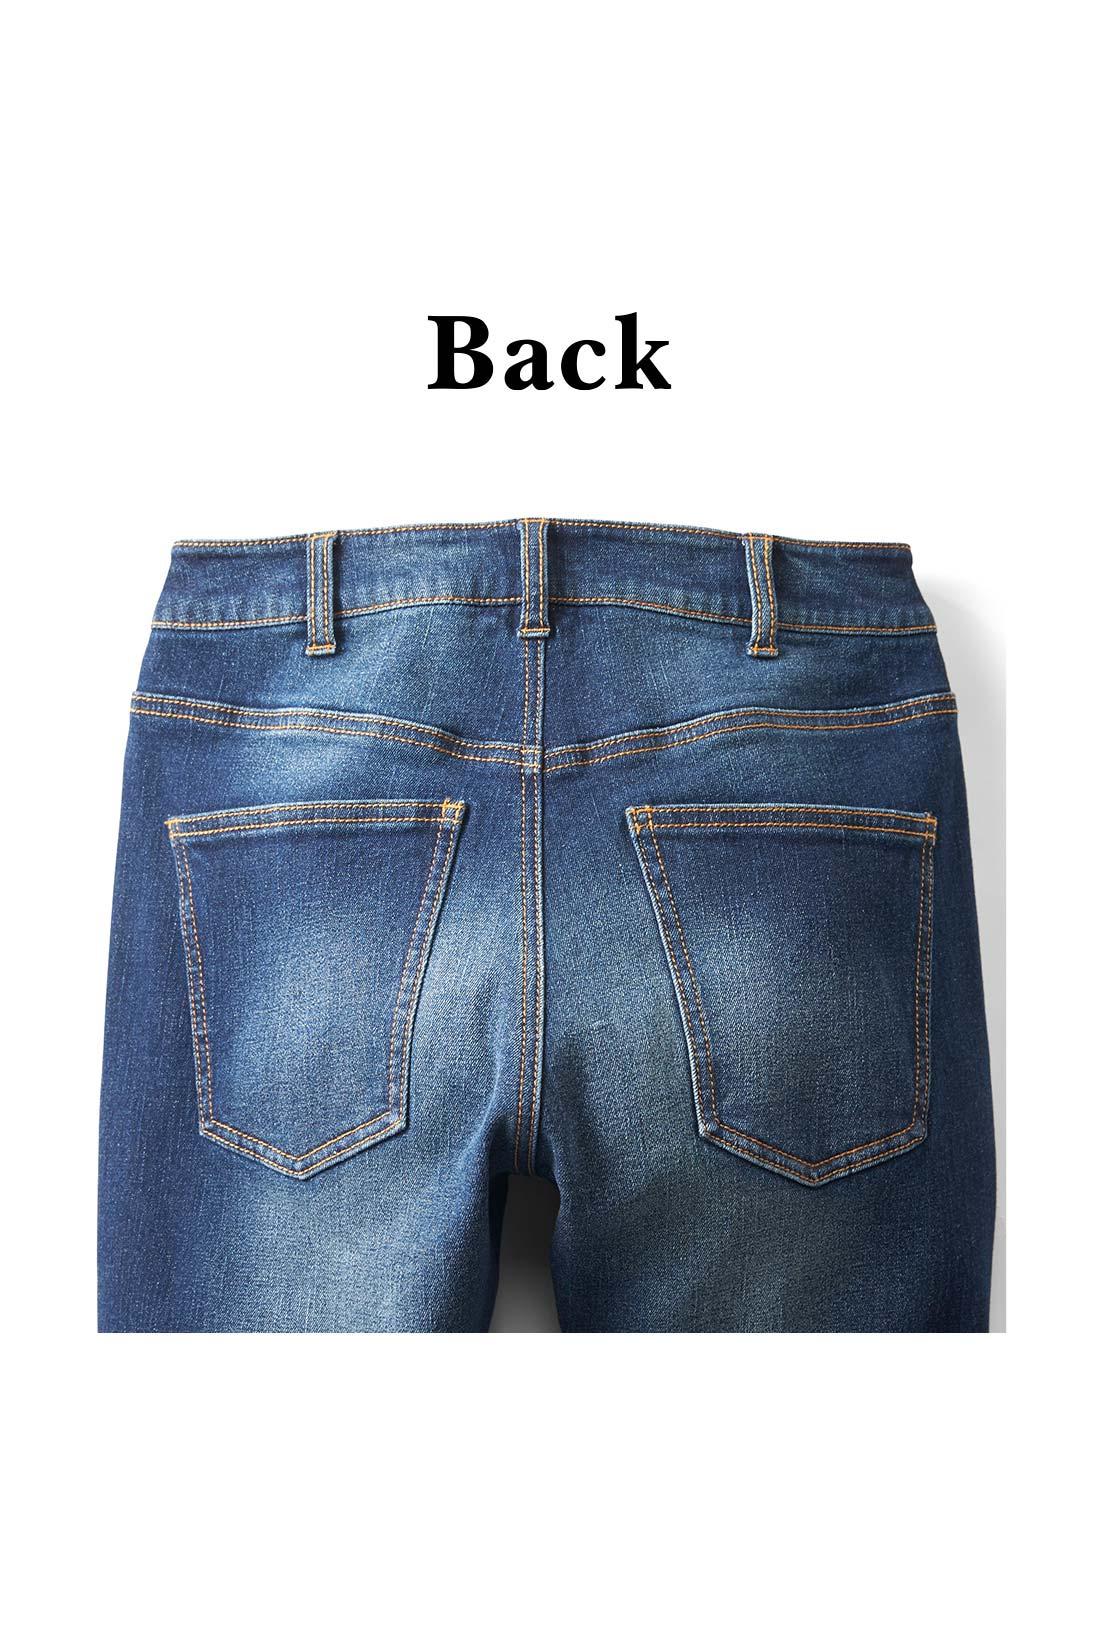 バックスタイルはポケットを大きめサイズにすることで小尻効果をアップ。